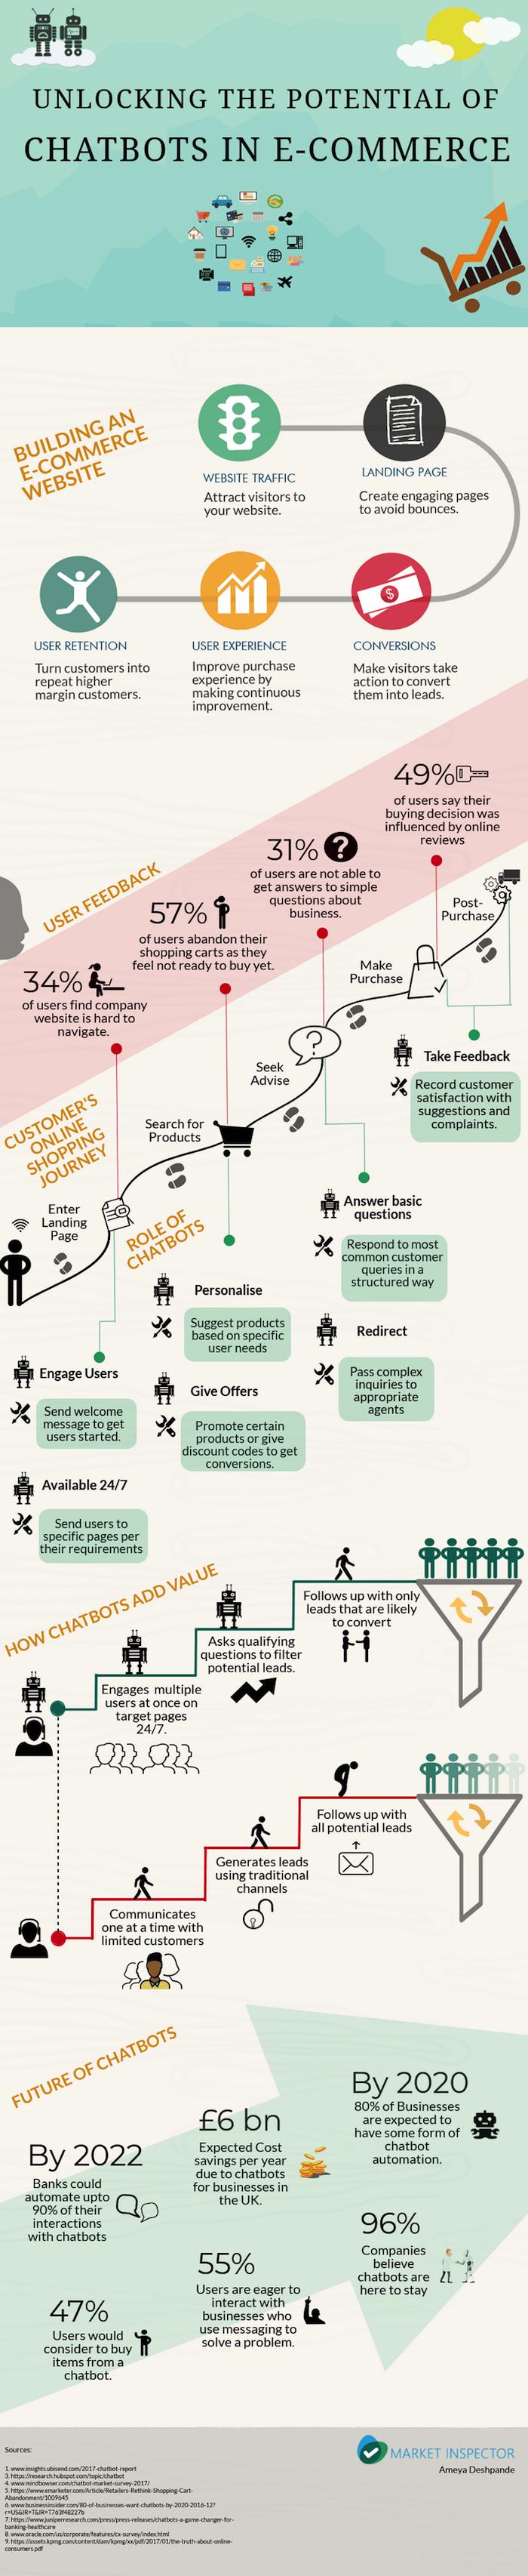 infographie sur les chatbots en e-commerce